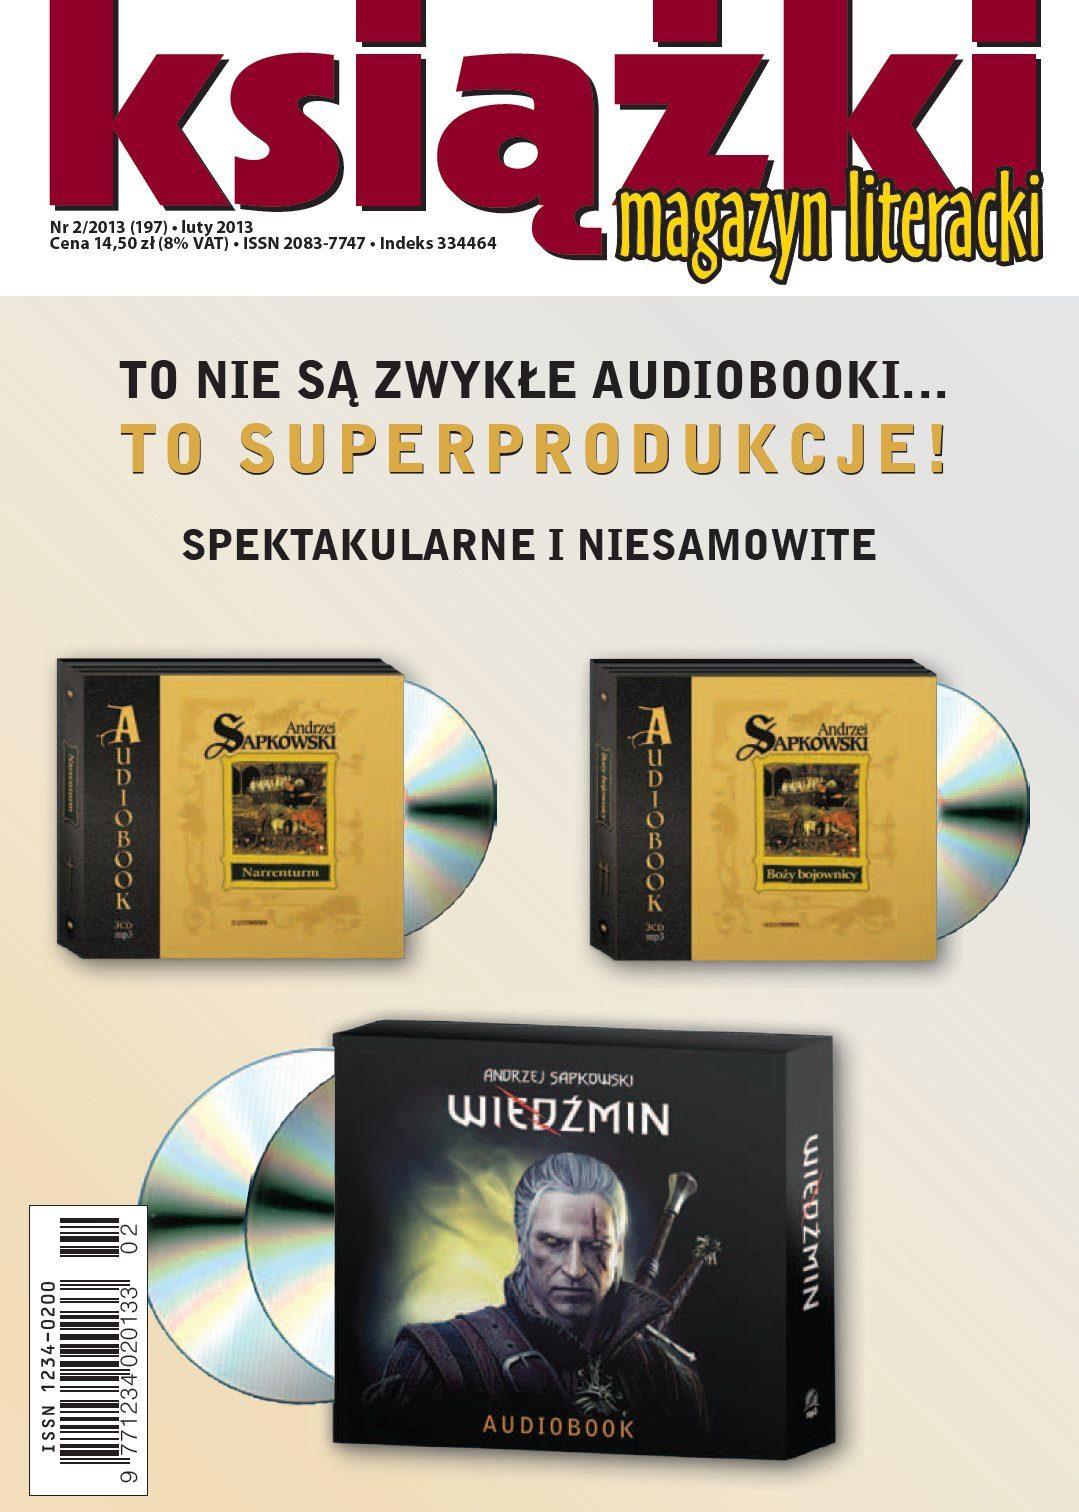 Magazyn Literacki KSIĄŻKI - nr 2/2013 (197) - Ebook (Książka PDF) do pobrania w formacie PDF